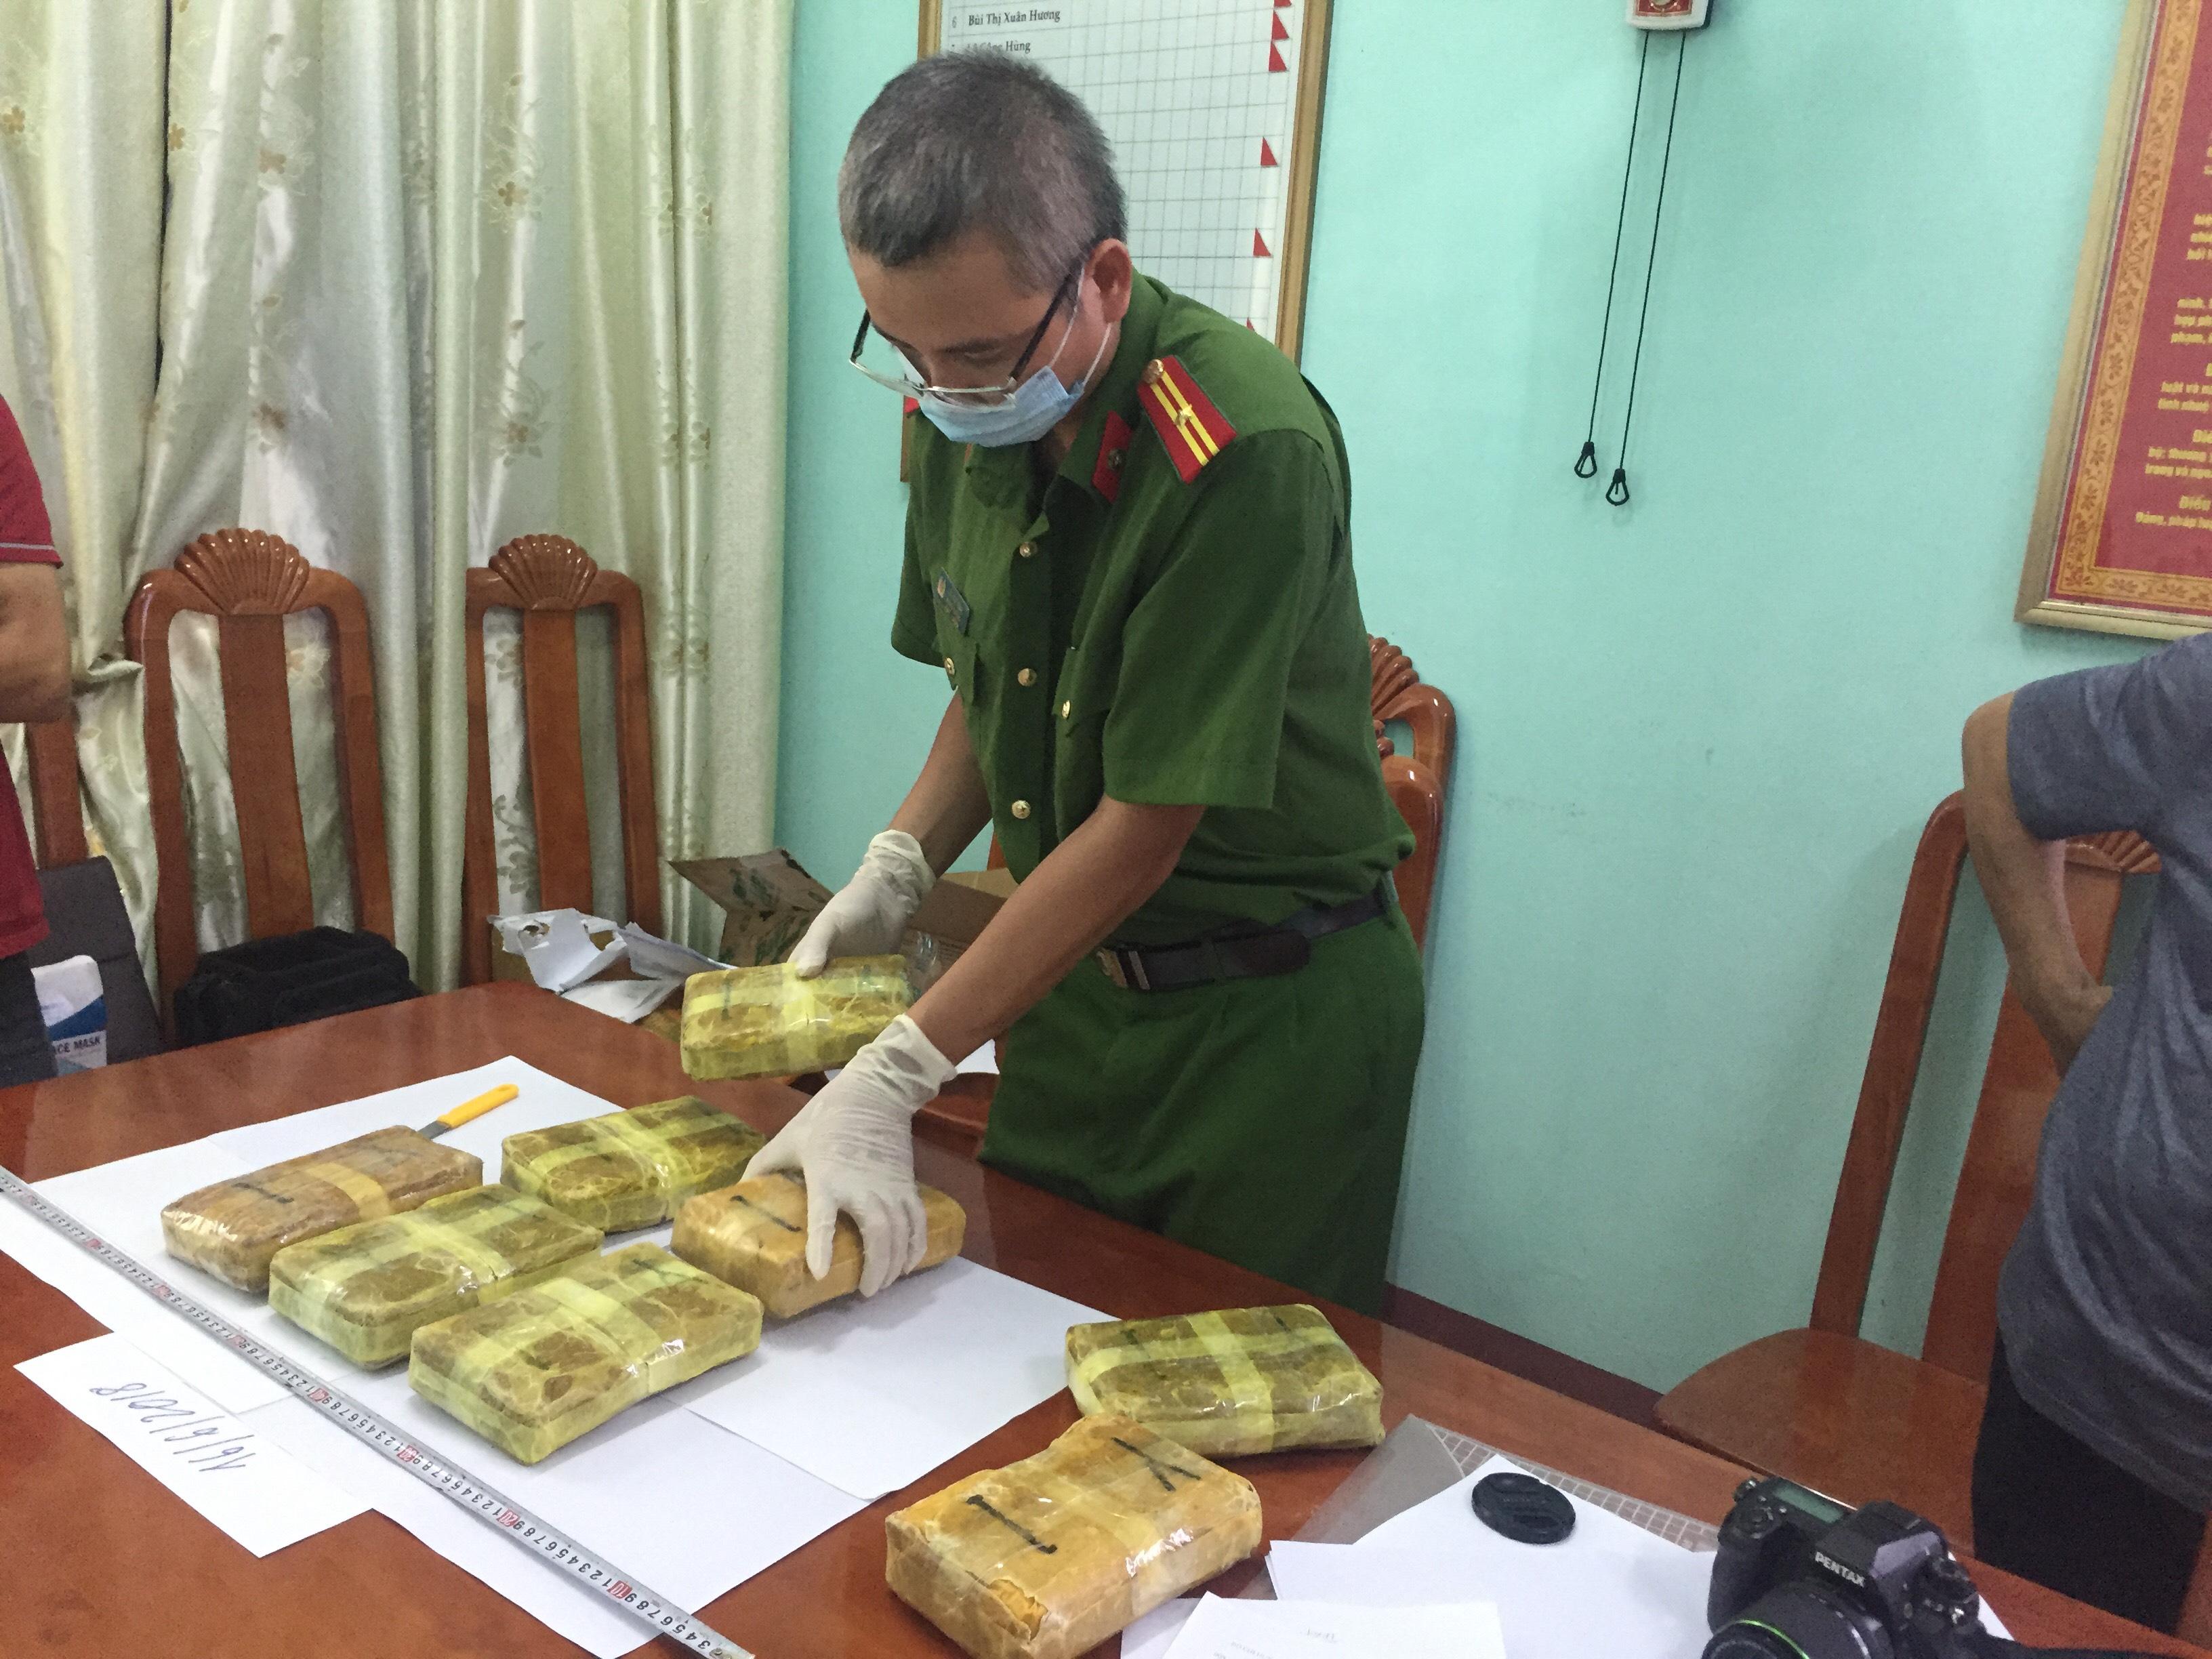 Phối hợp bắt vụ vận chuyển gần 48.000 viên ma túy tổng hợp